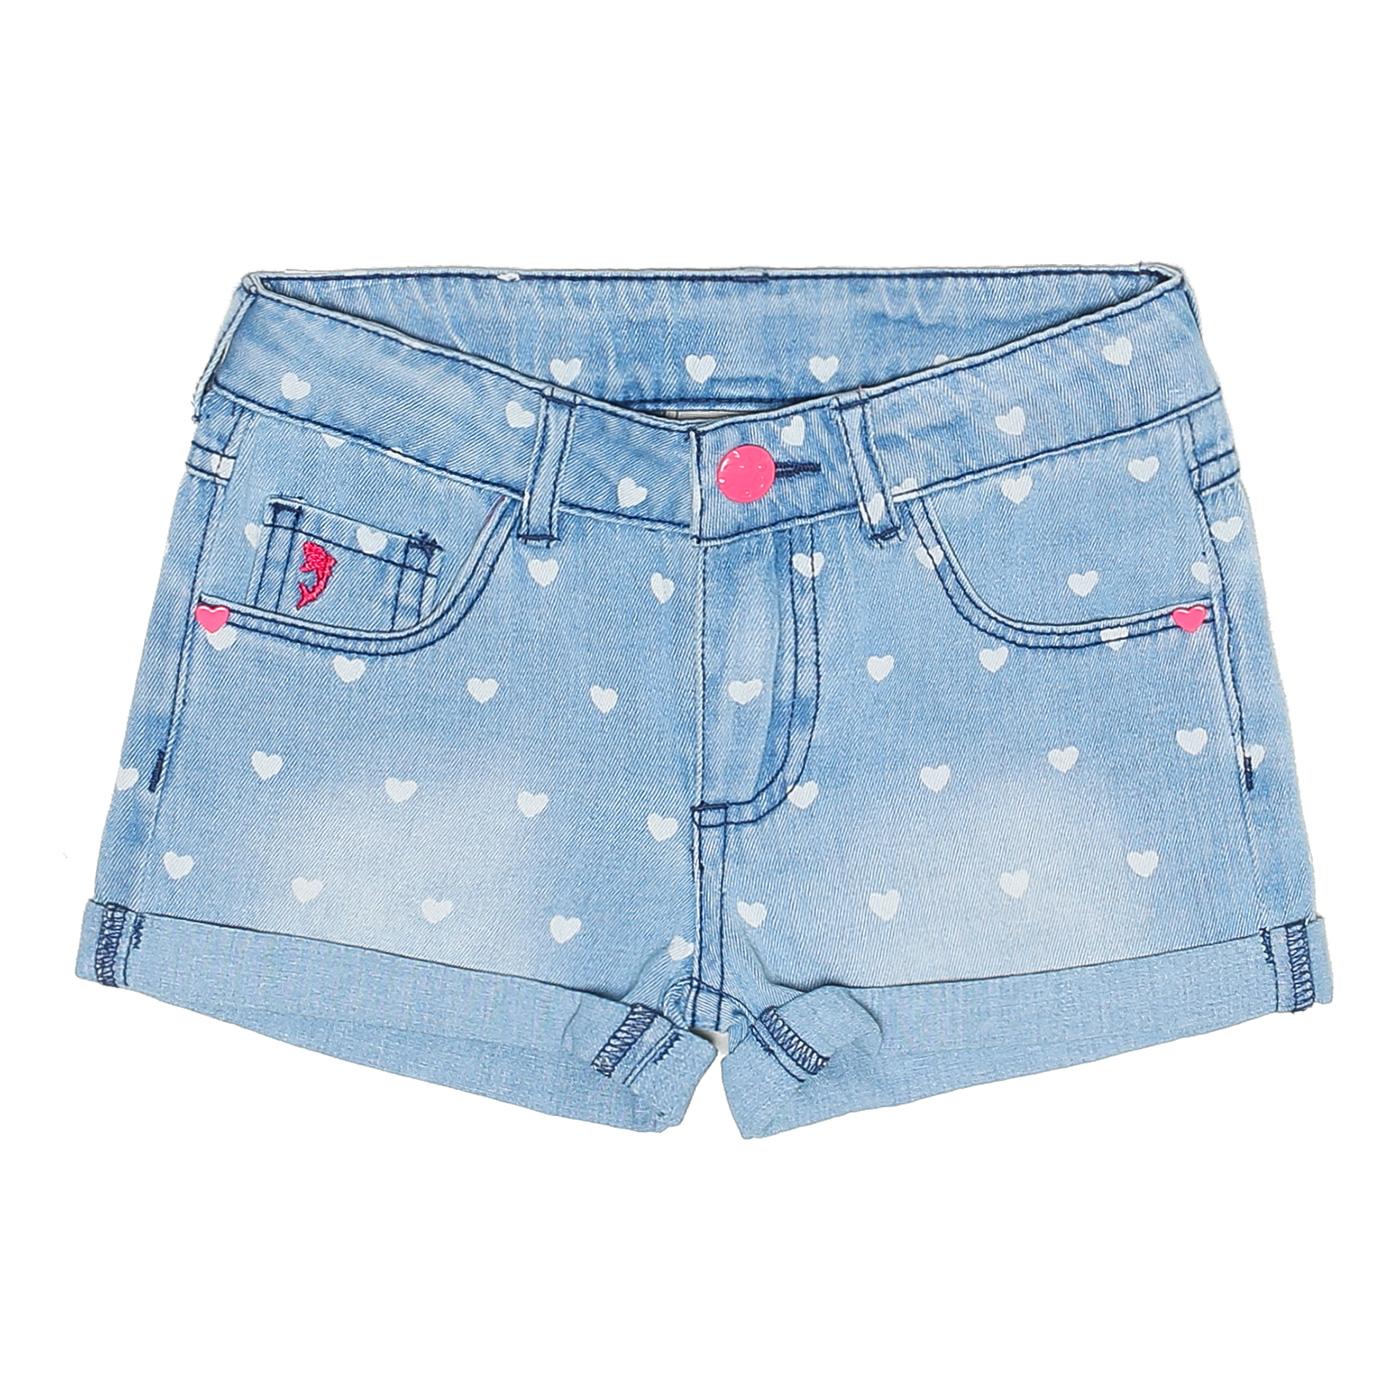 Шорты из джинсов для девочки своими руками 31